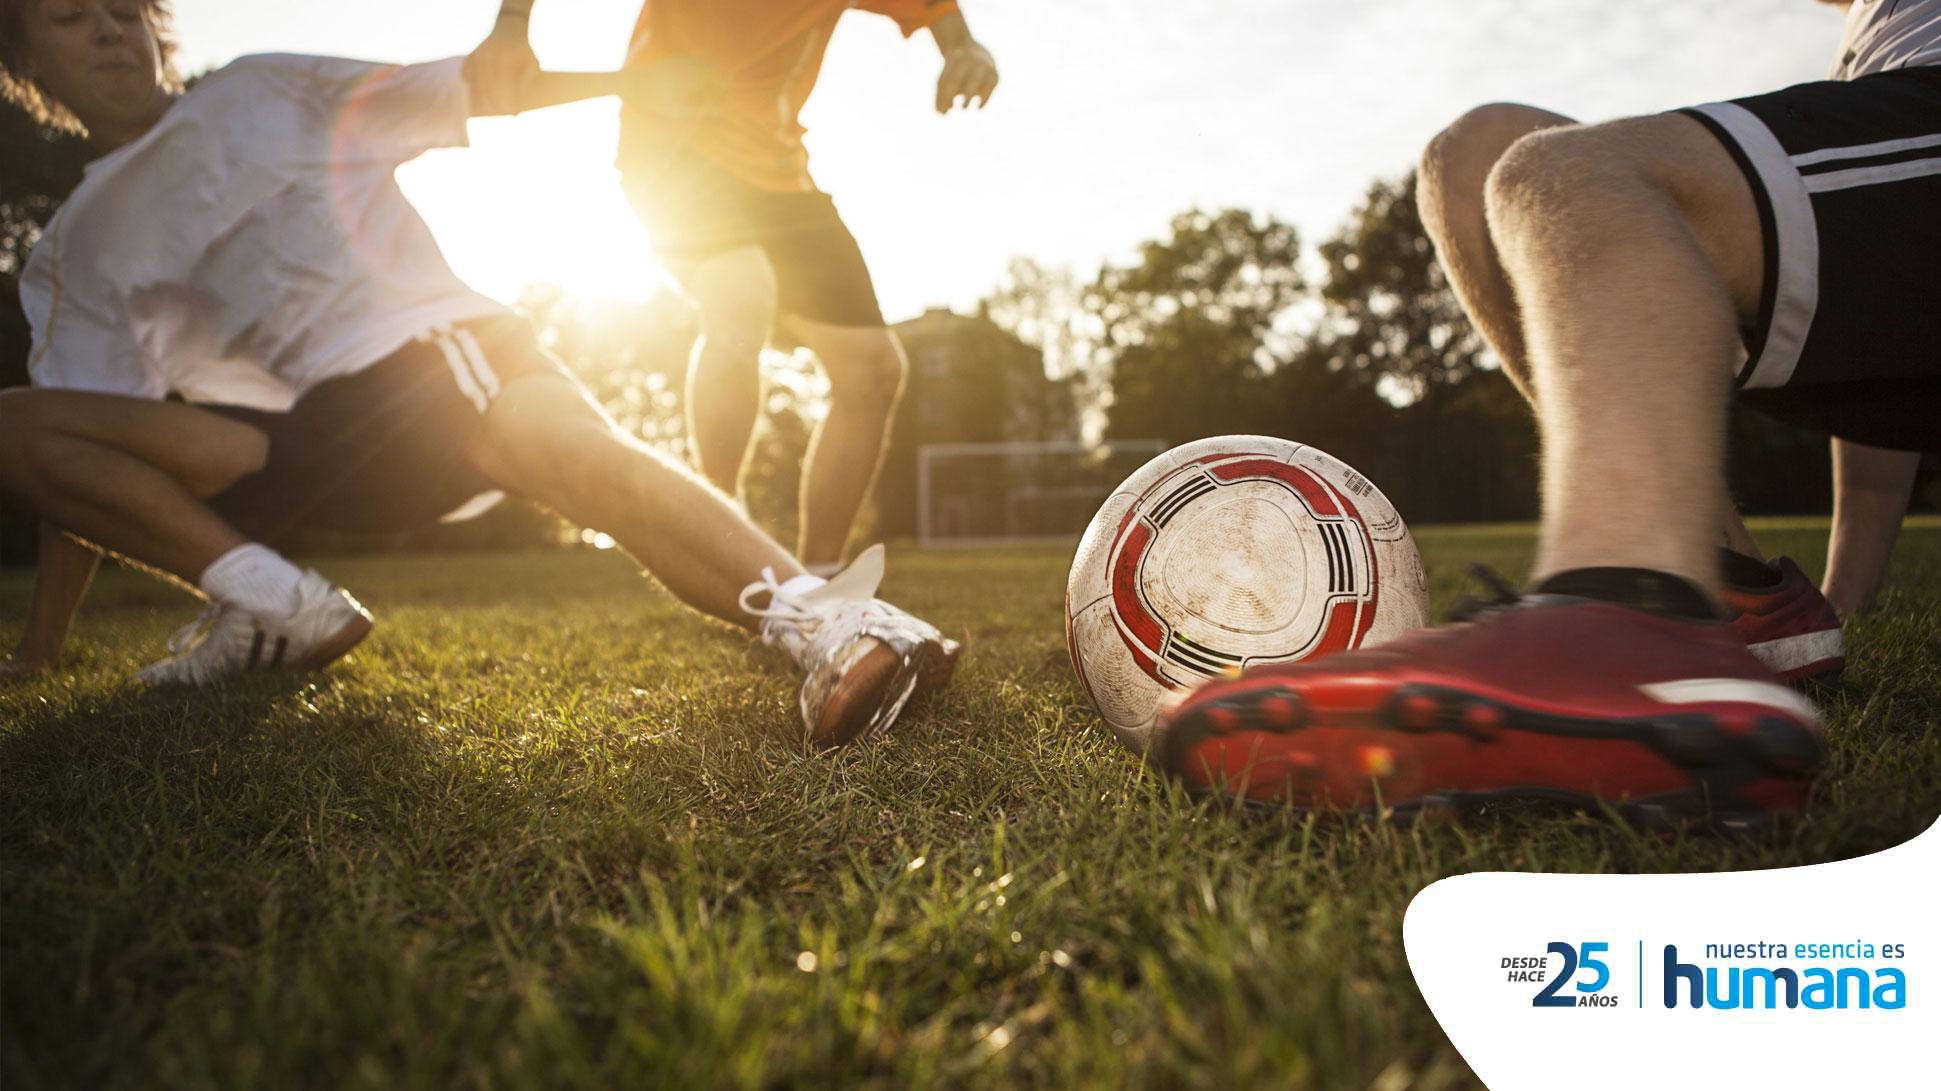 Lleva el fútbol a otro nivel